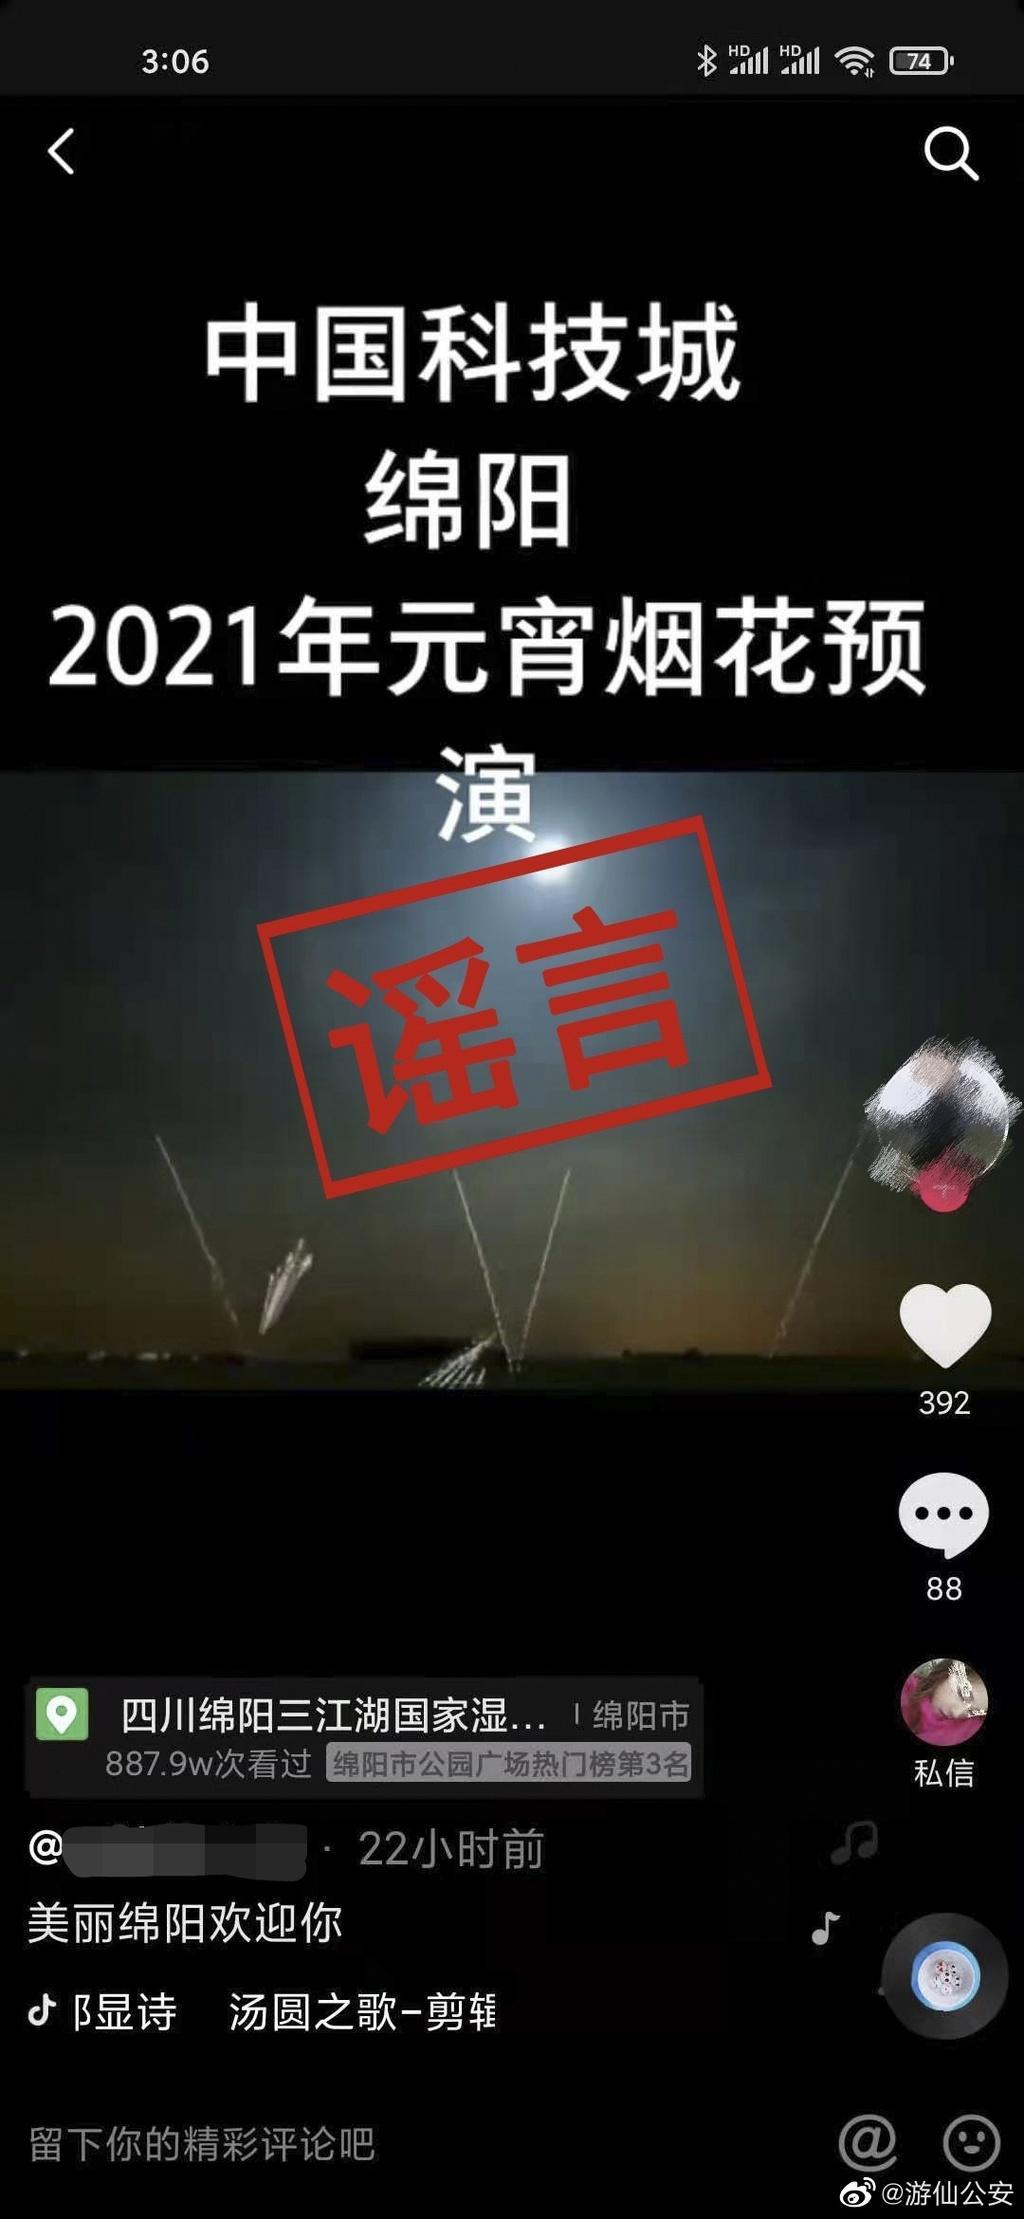 """网传""""中国科技城绵阳将进行2021元宵烟花预演"""" 假的!"""